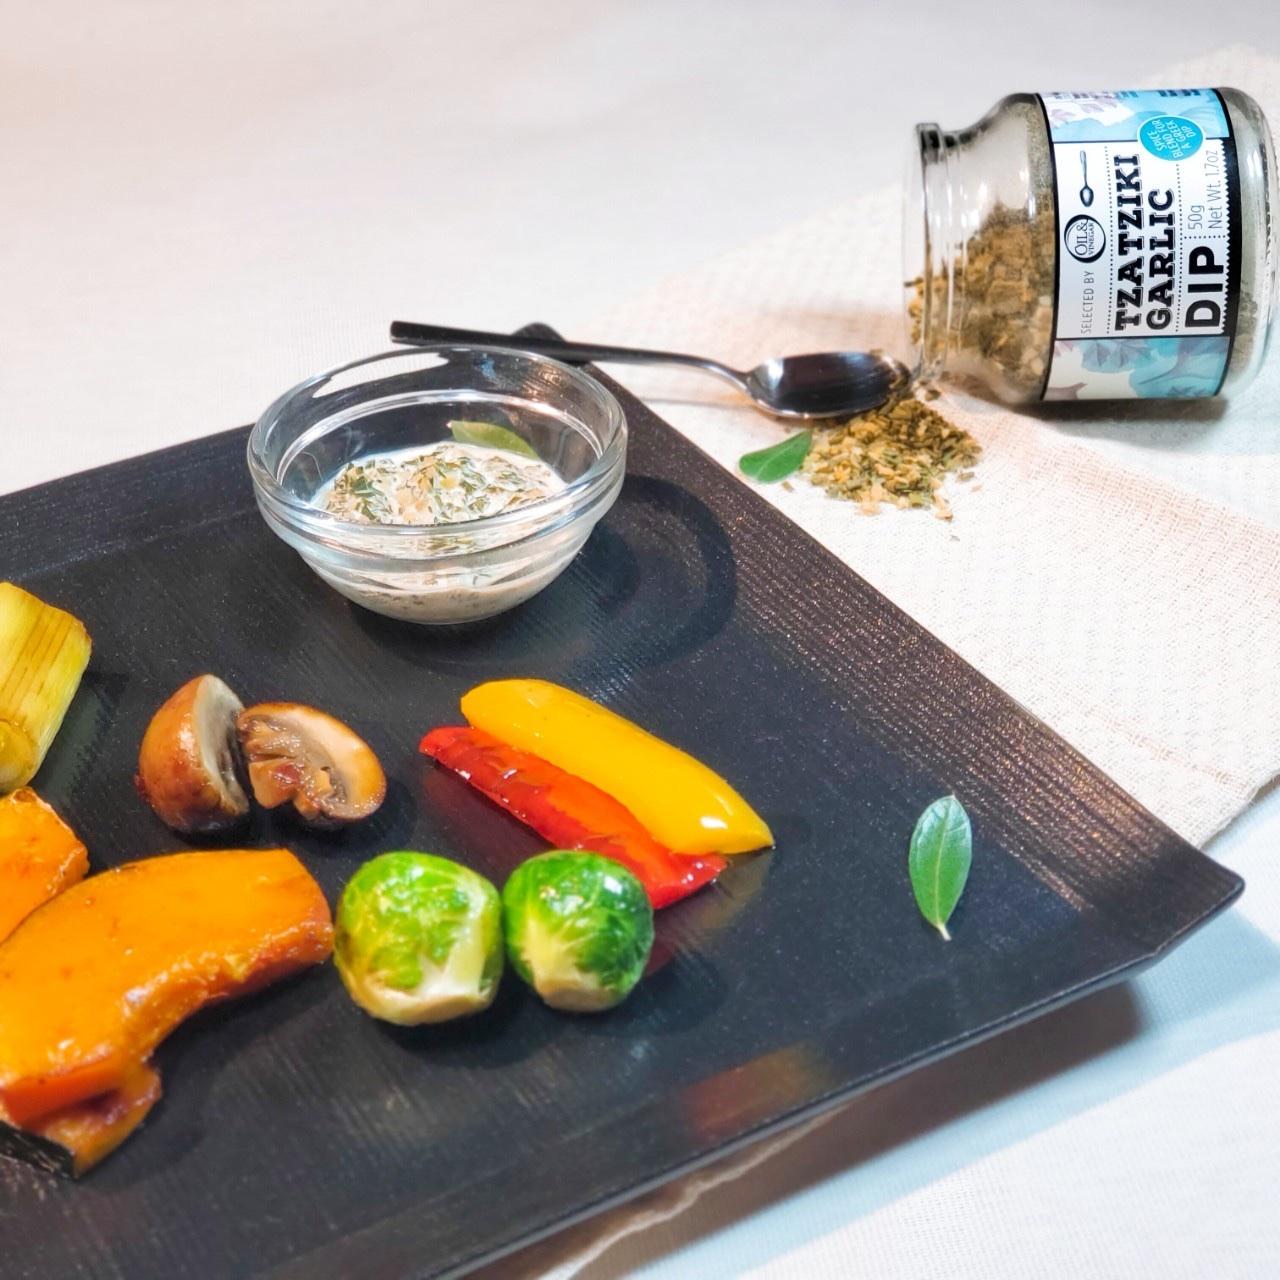 ザジキソースで食べるグリル野菜